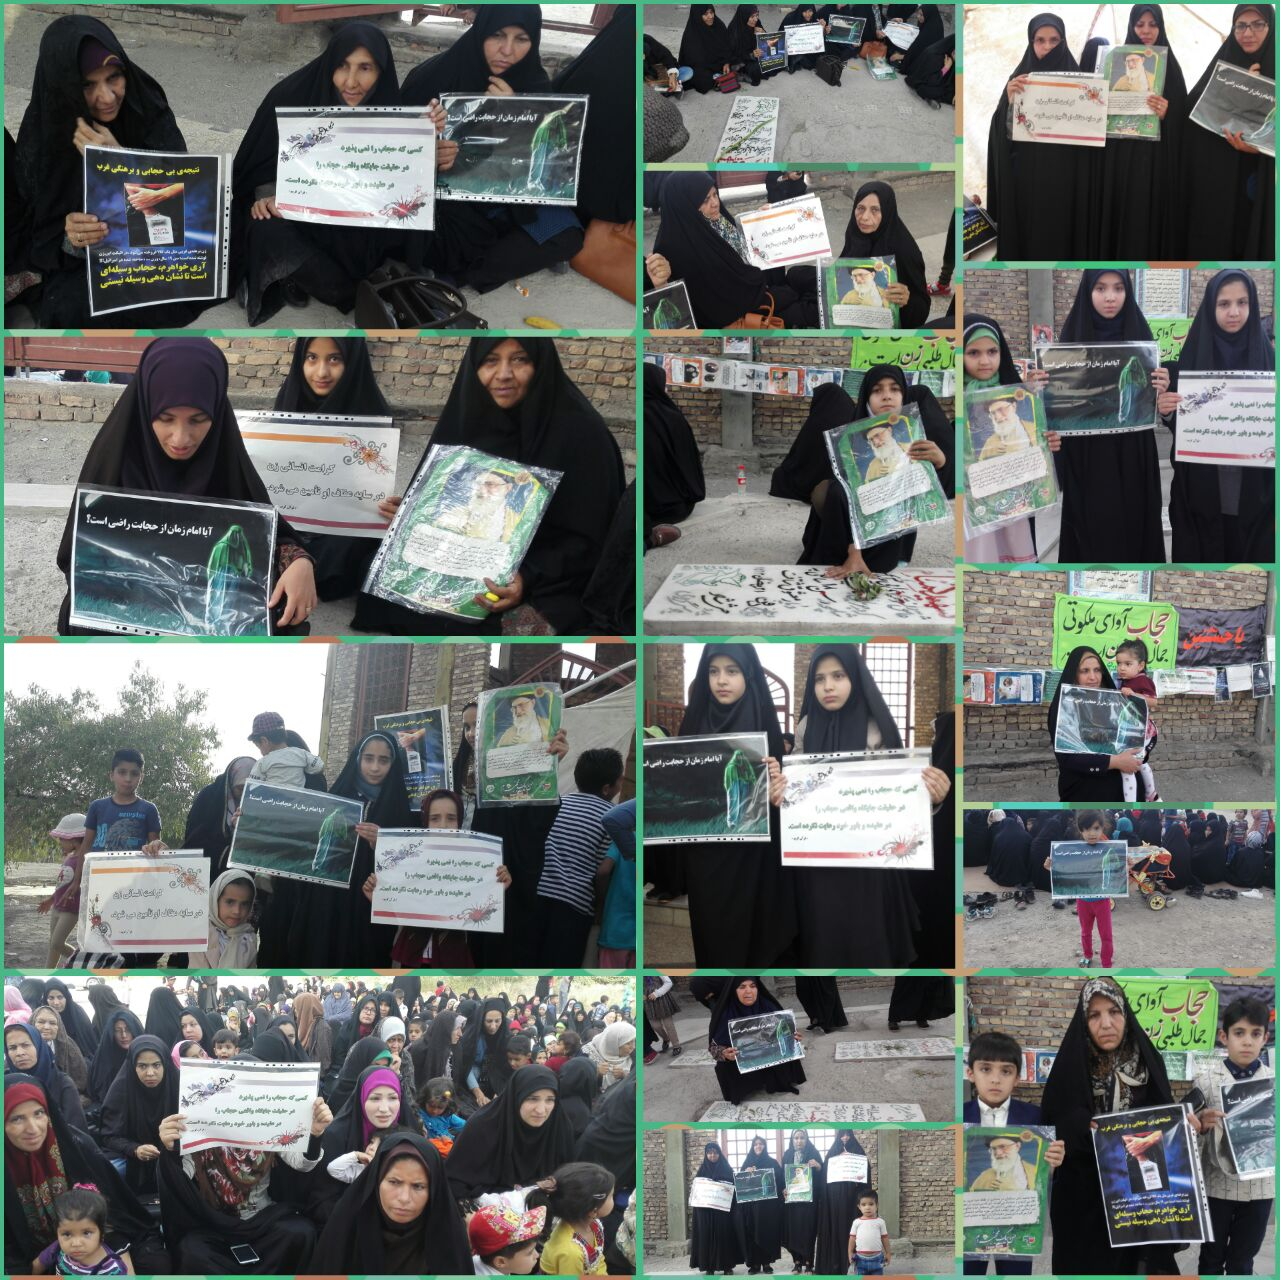 اجتماع مدافعان حریم خانواده در رابر/ تصاویر